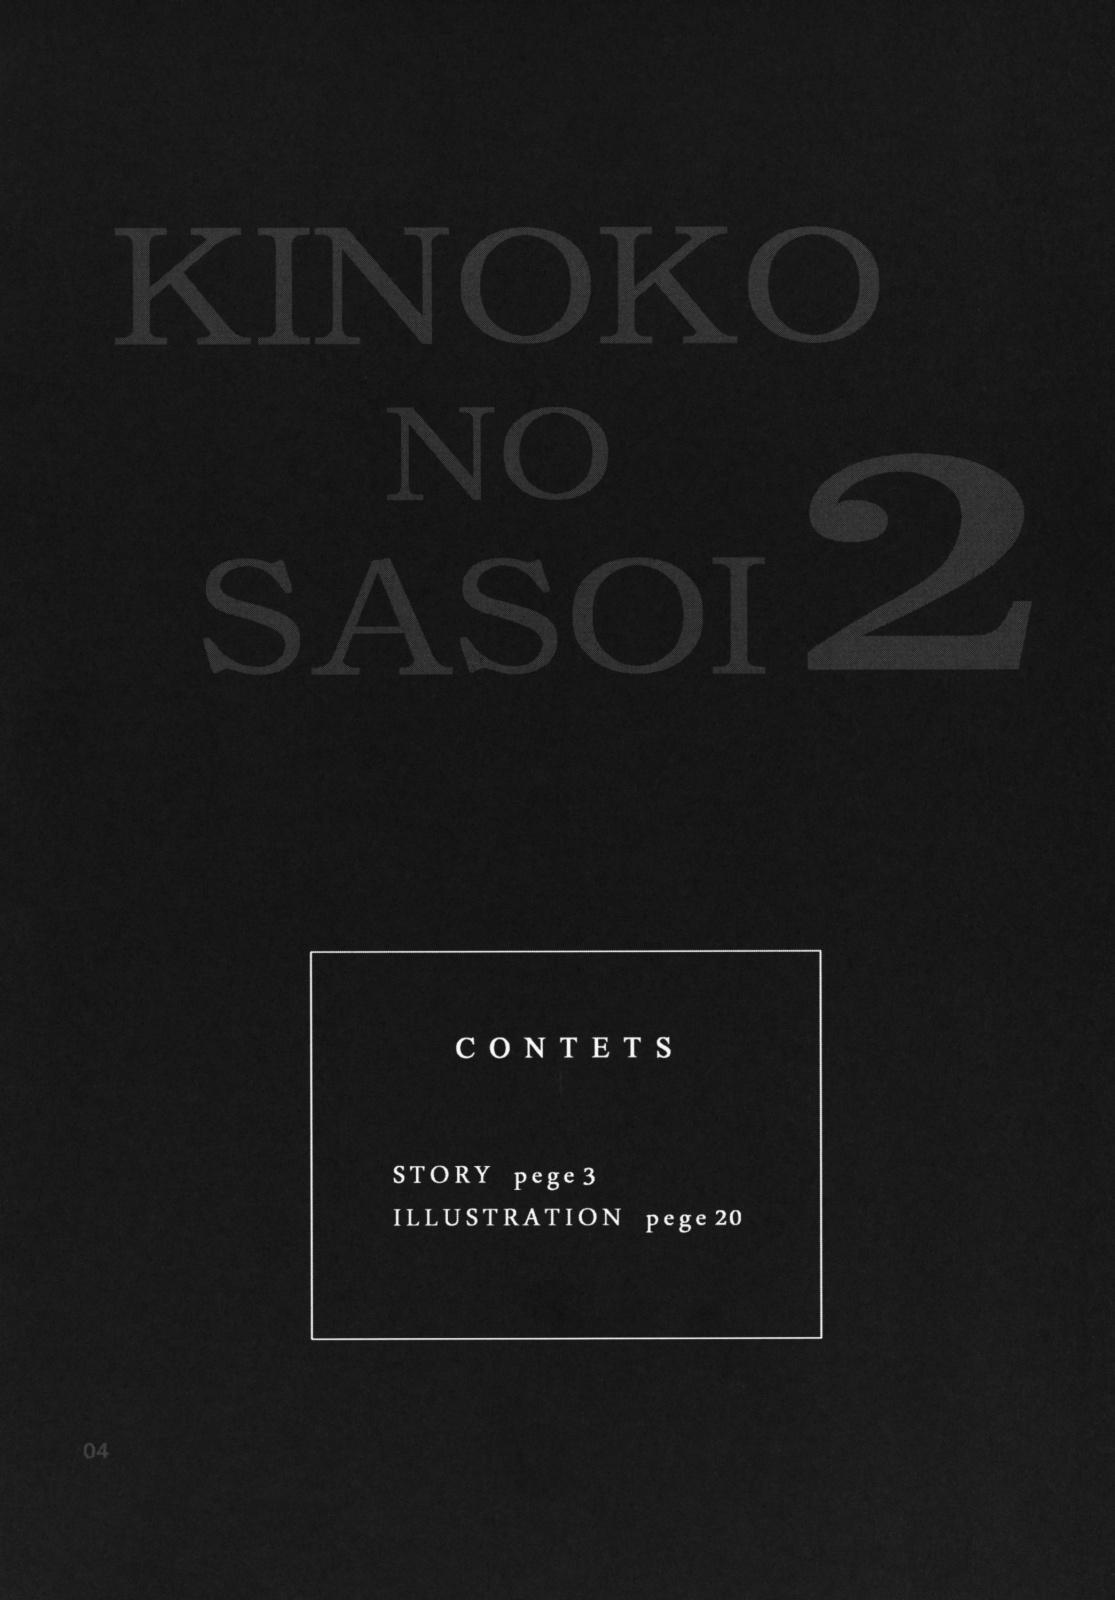 Kinokono Sasoi 2 2